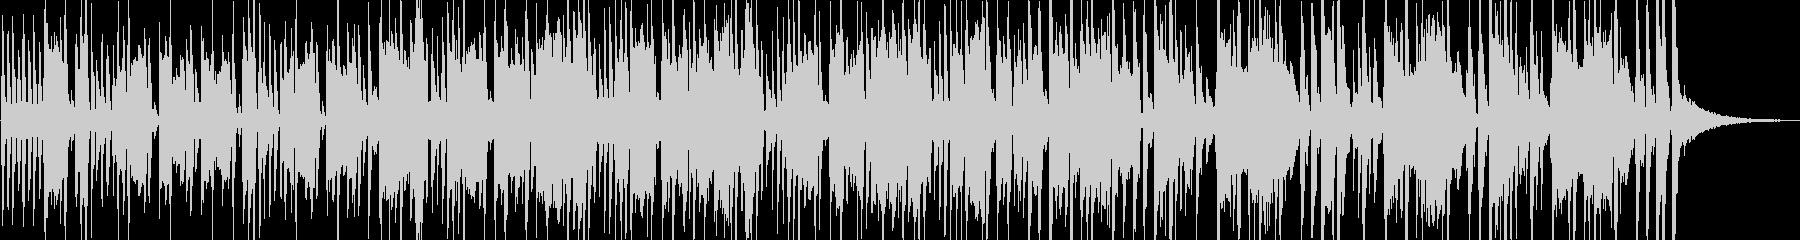 四つ打ち、シンセ、ラテン風シンセ曲の未再生の波形